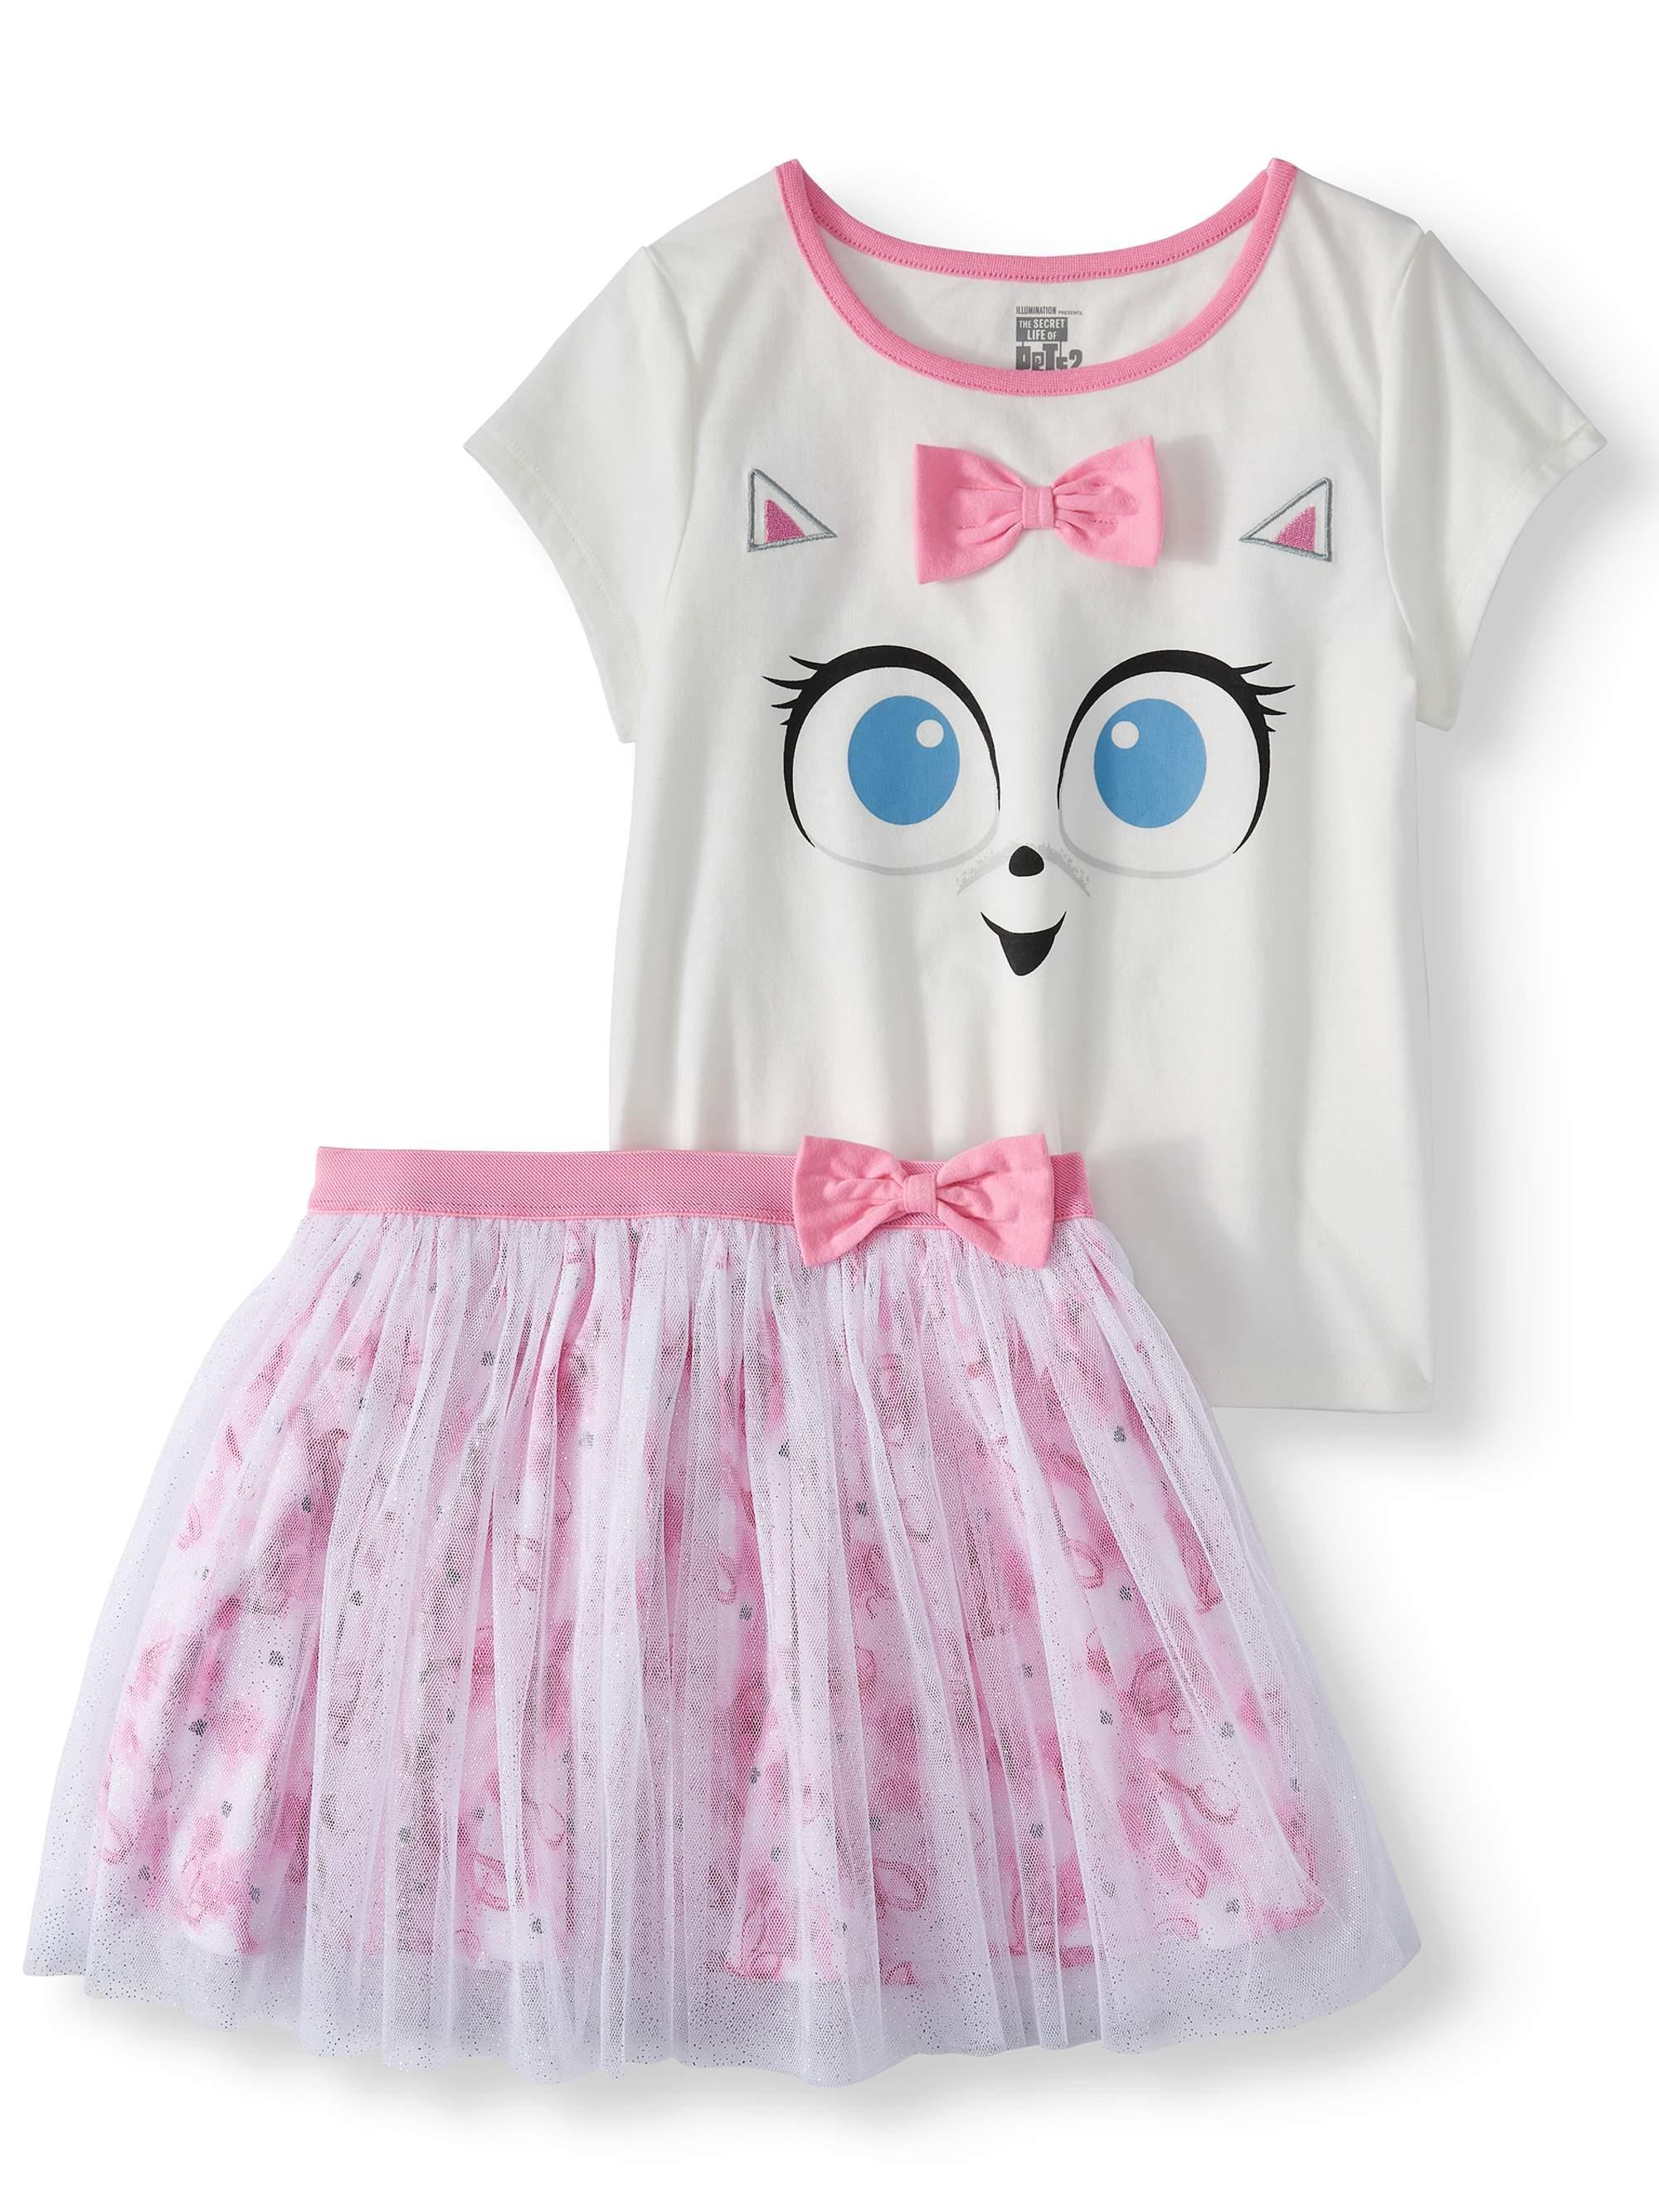 Gidget Tee and Foil Mesh Tutu Skirt, 2-Piece Outfit Set (Little Girls & Big Girls)